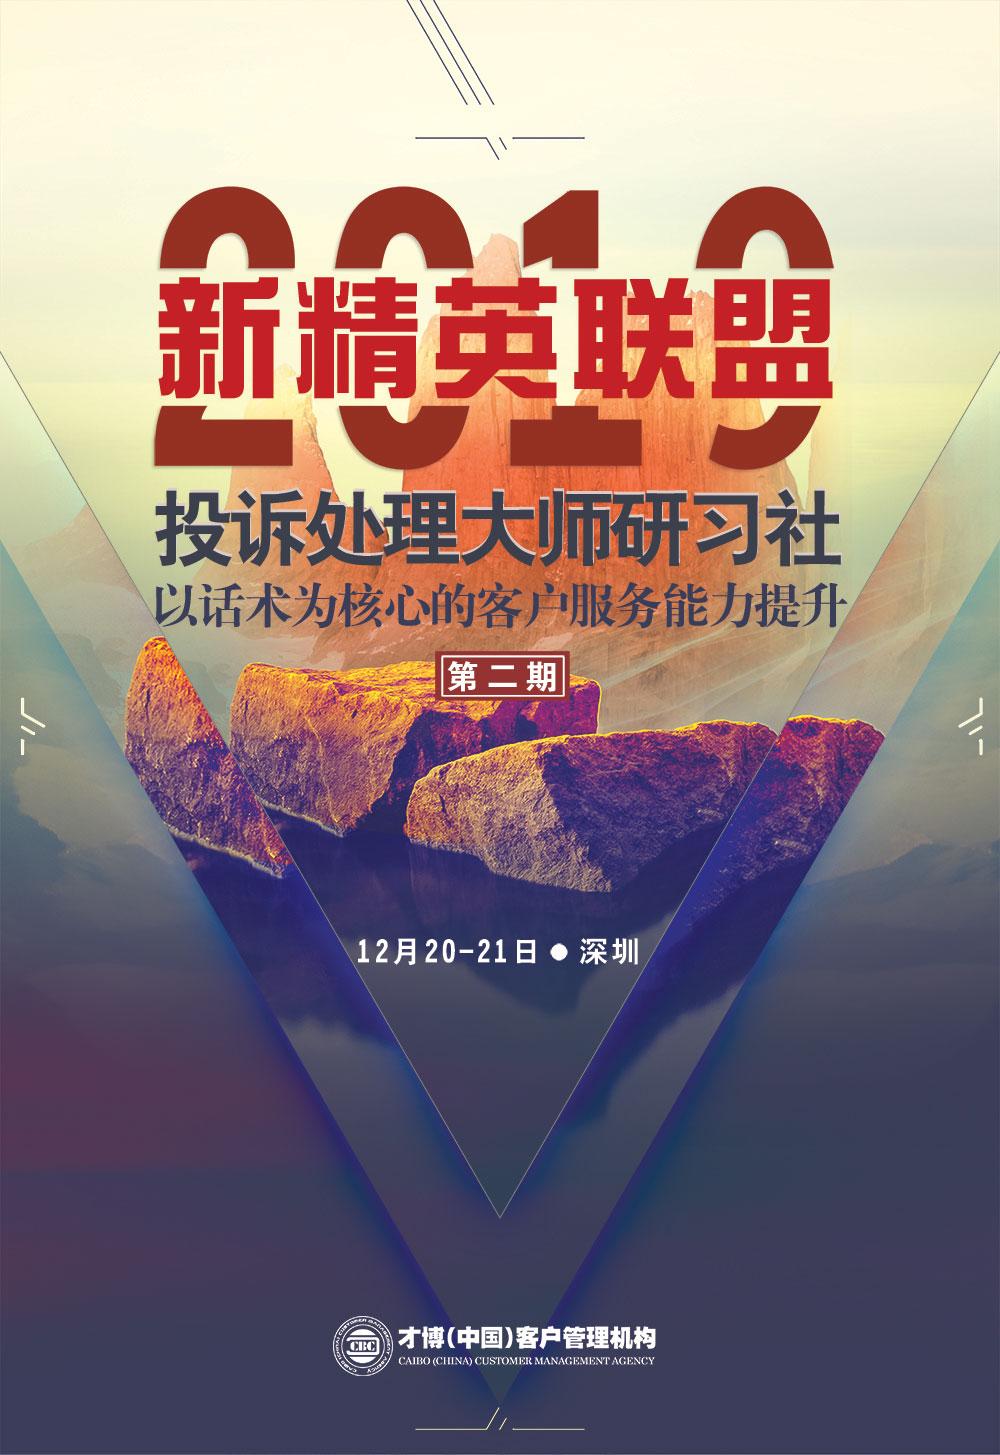 2019新精英联盟(第二期)投诉处理大师研习社